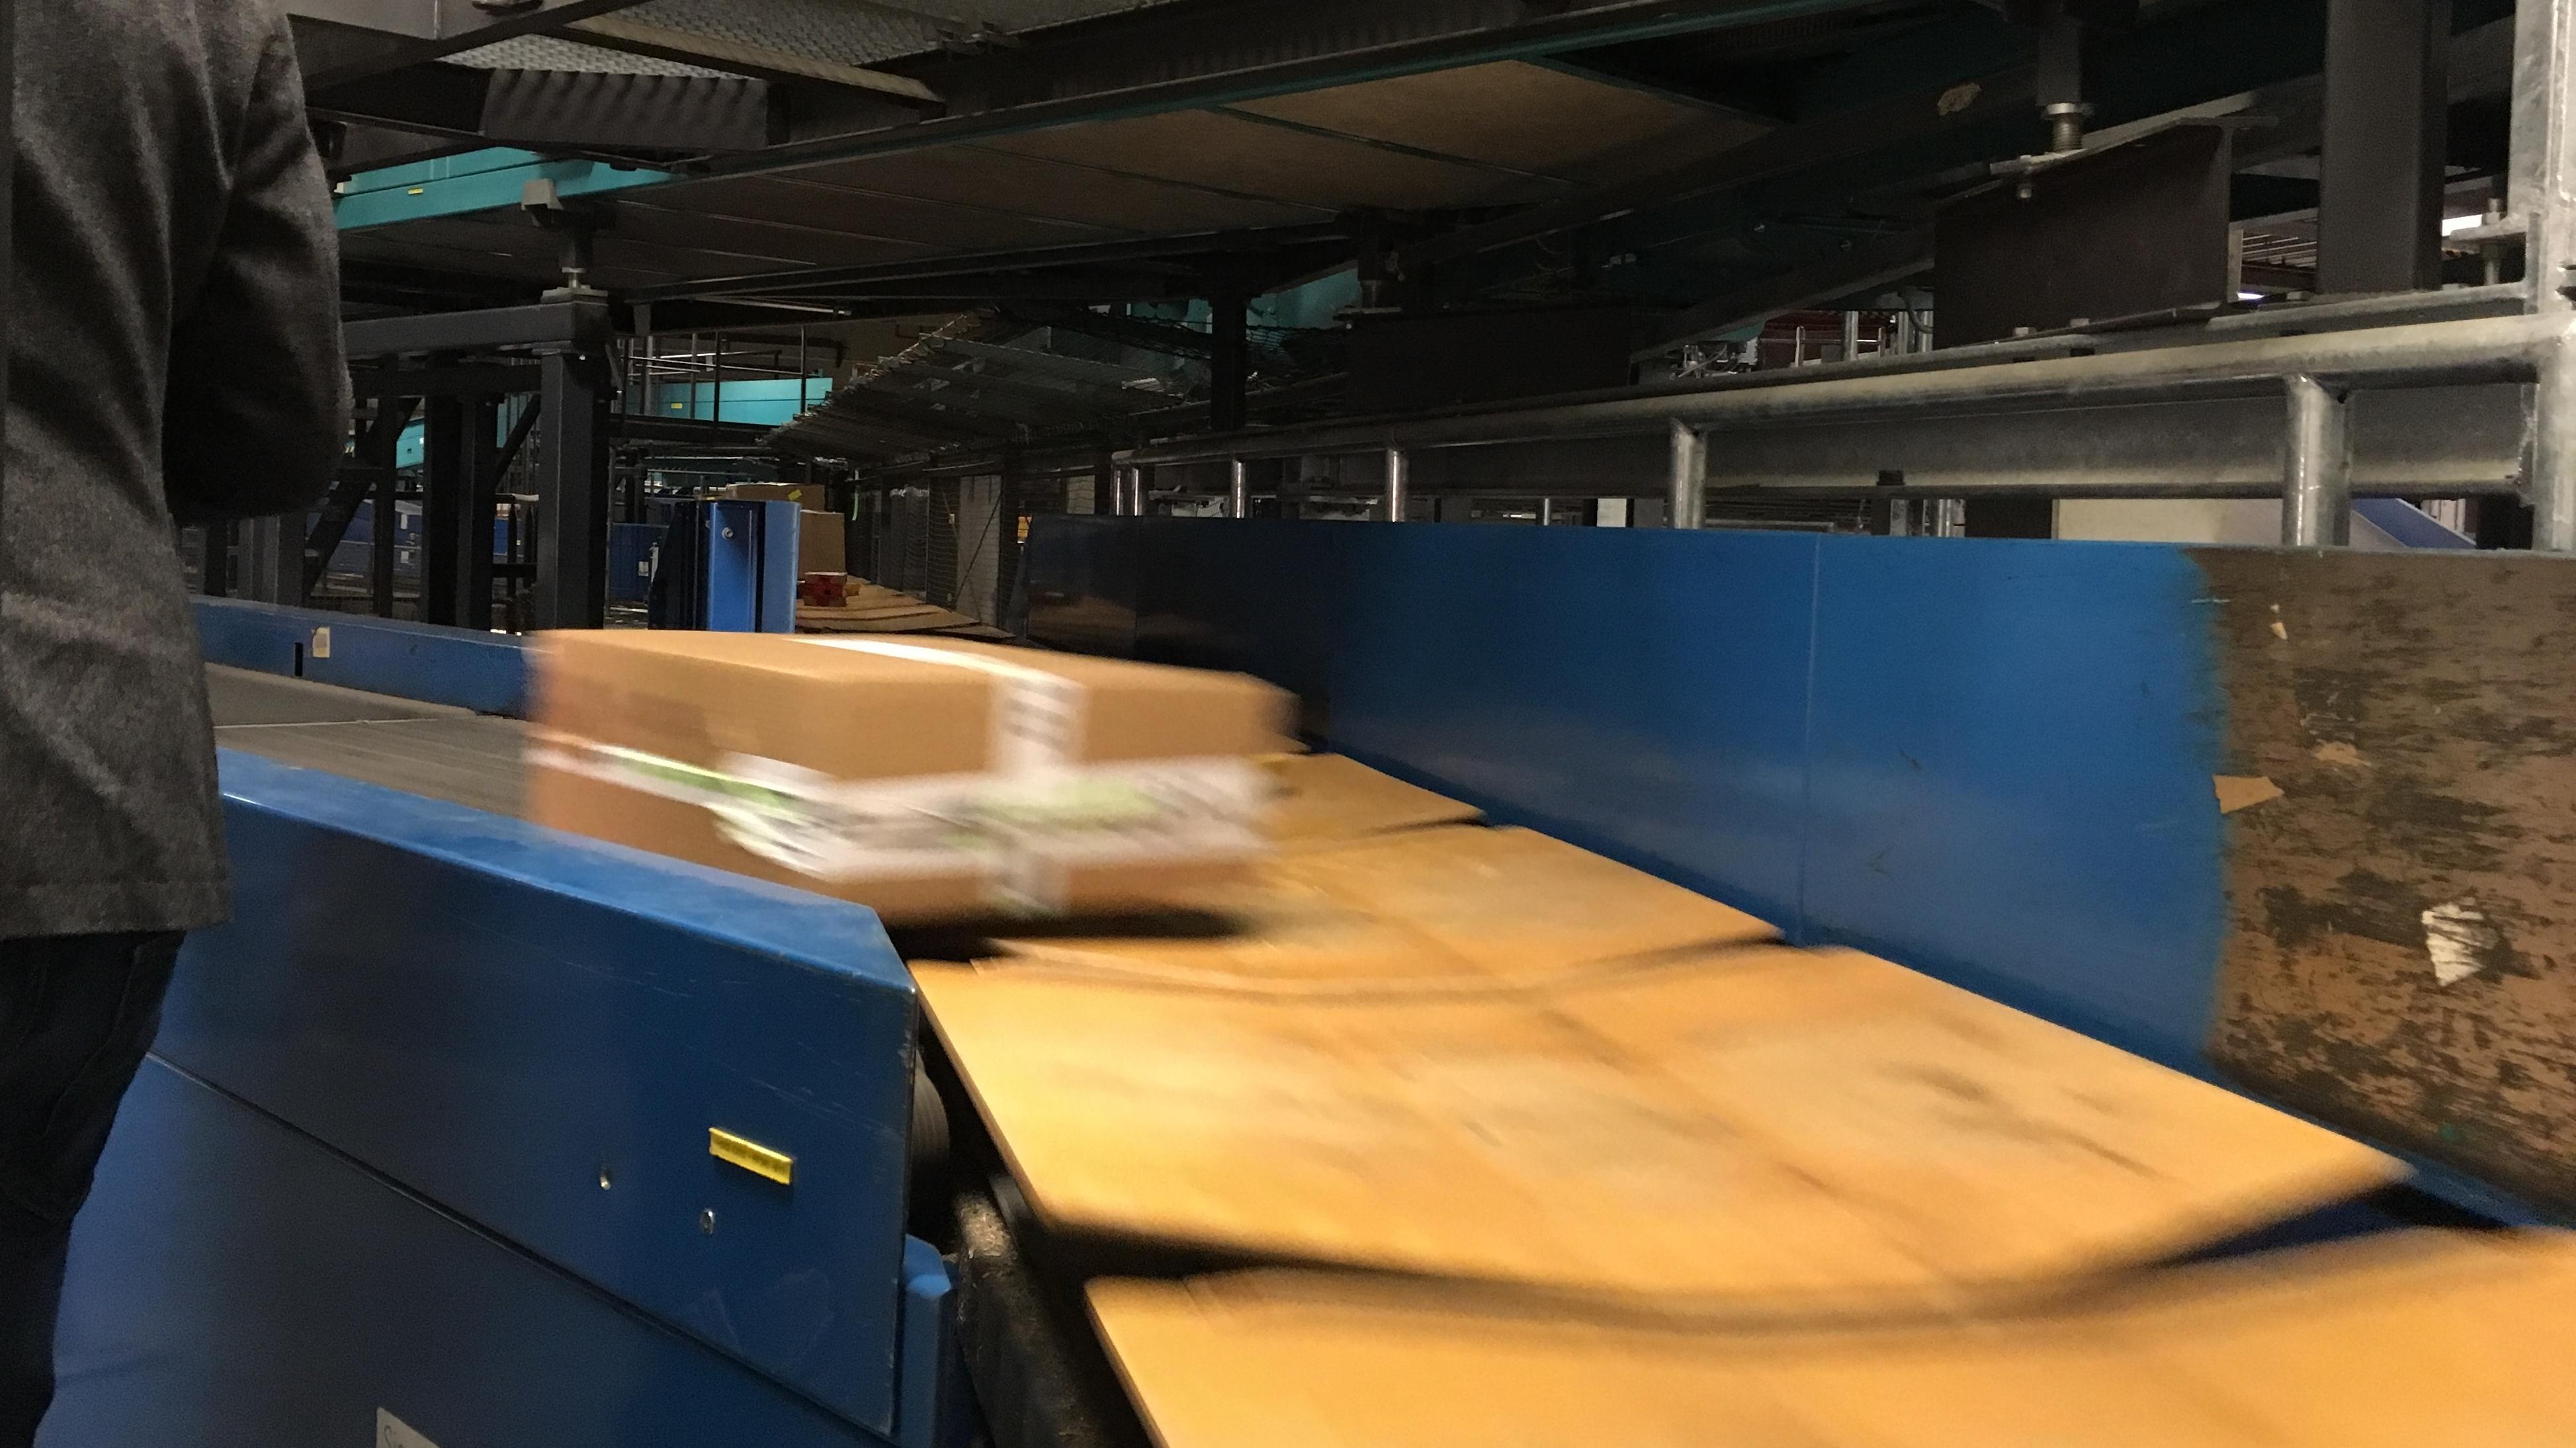 550.000 Pakete am Tag und 30.000 Sendungen pro Stunde flitzen durch das Förderband-Labyrinth der Anlage.